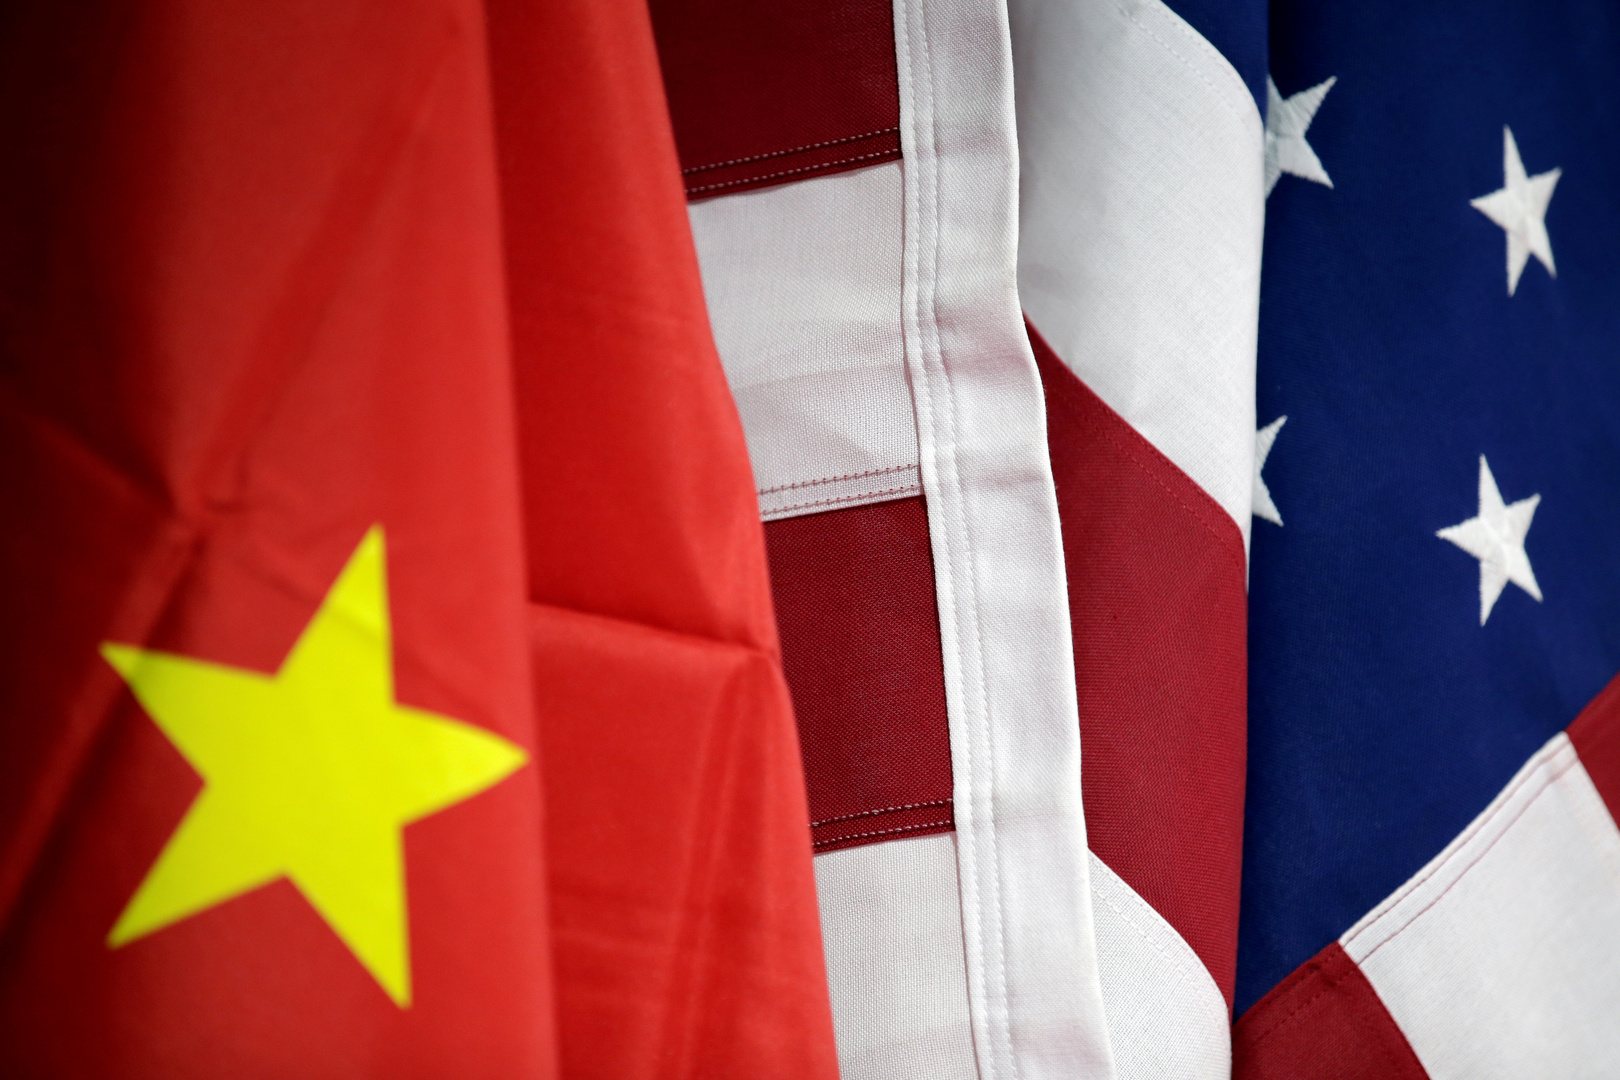 الصين تنوي الرد بالمثل على العقوبات الأمريكية الجديدة